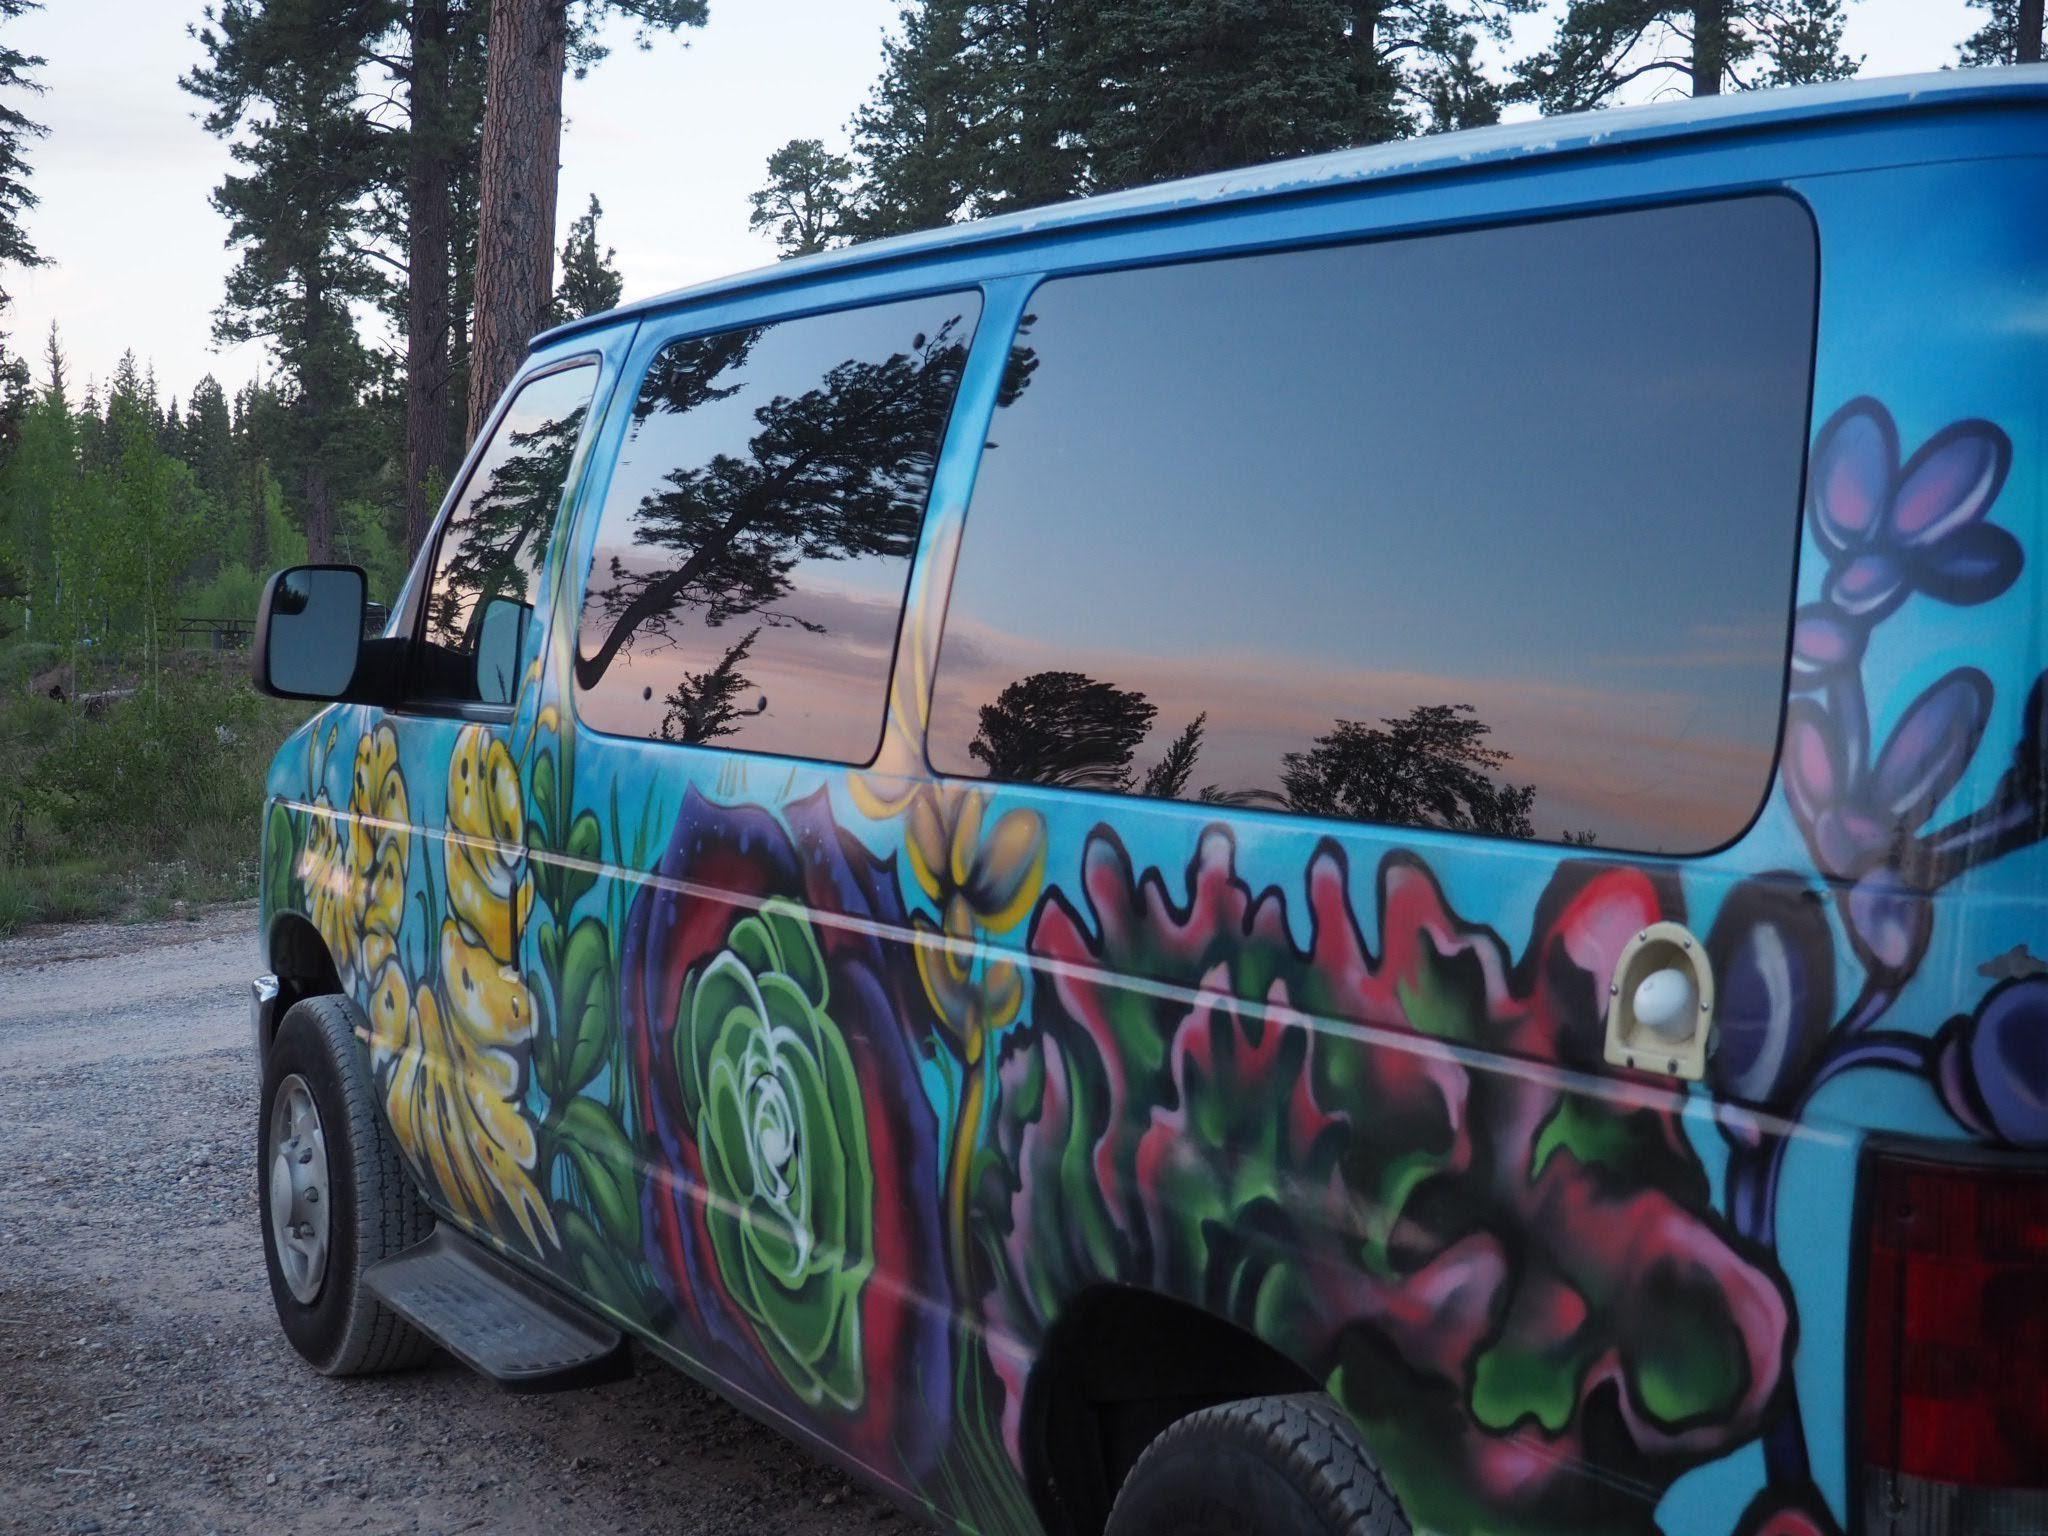 6 Tips for being a Digital Nomad in a campervan | Campervan